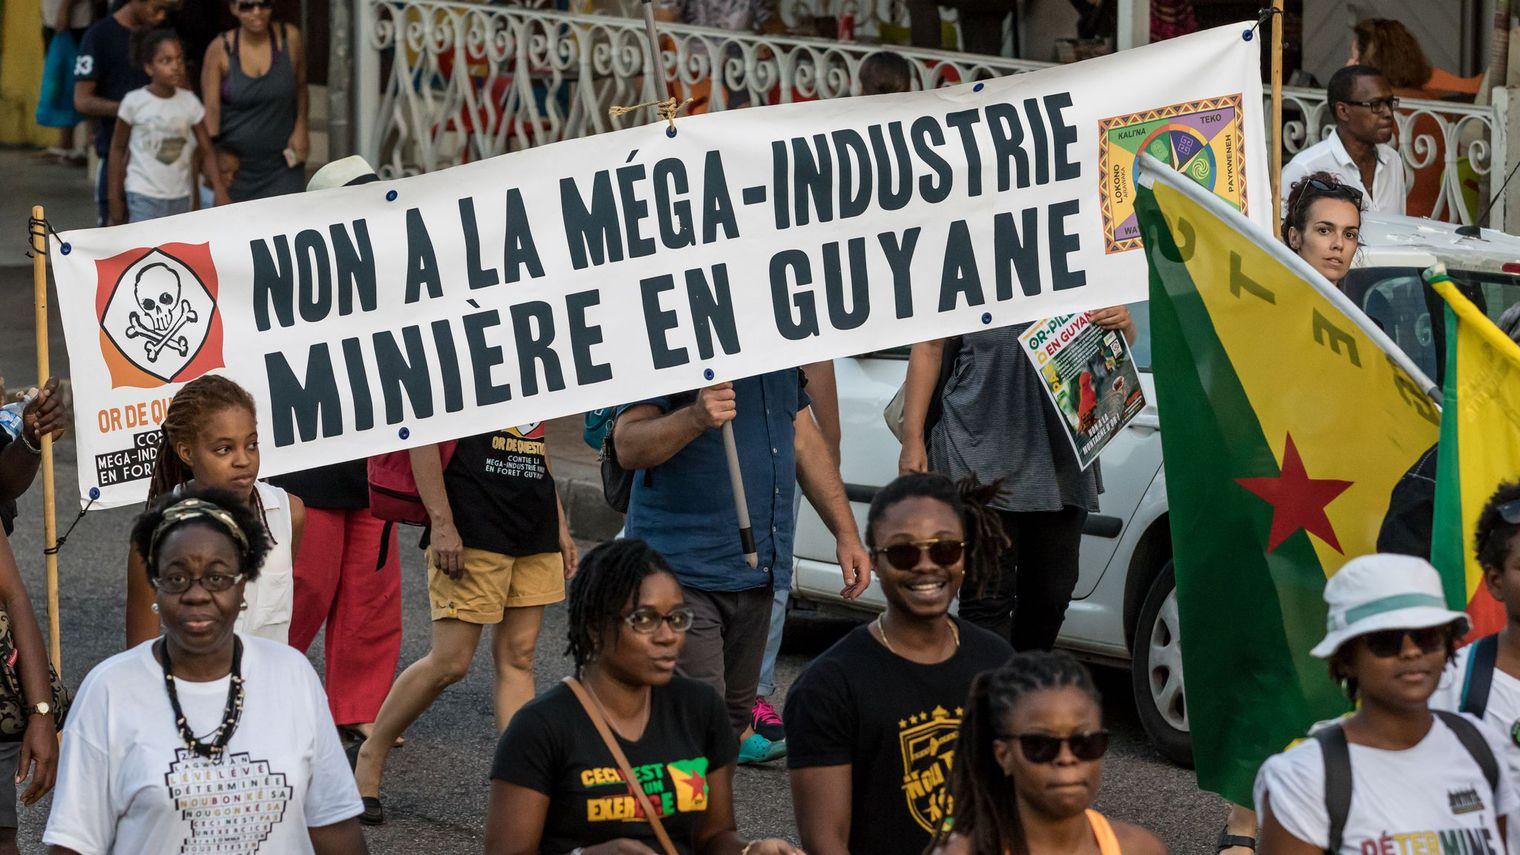 Guyane : Malgré son abandon, la Montagne d'Or toujours sujet de discorde